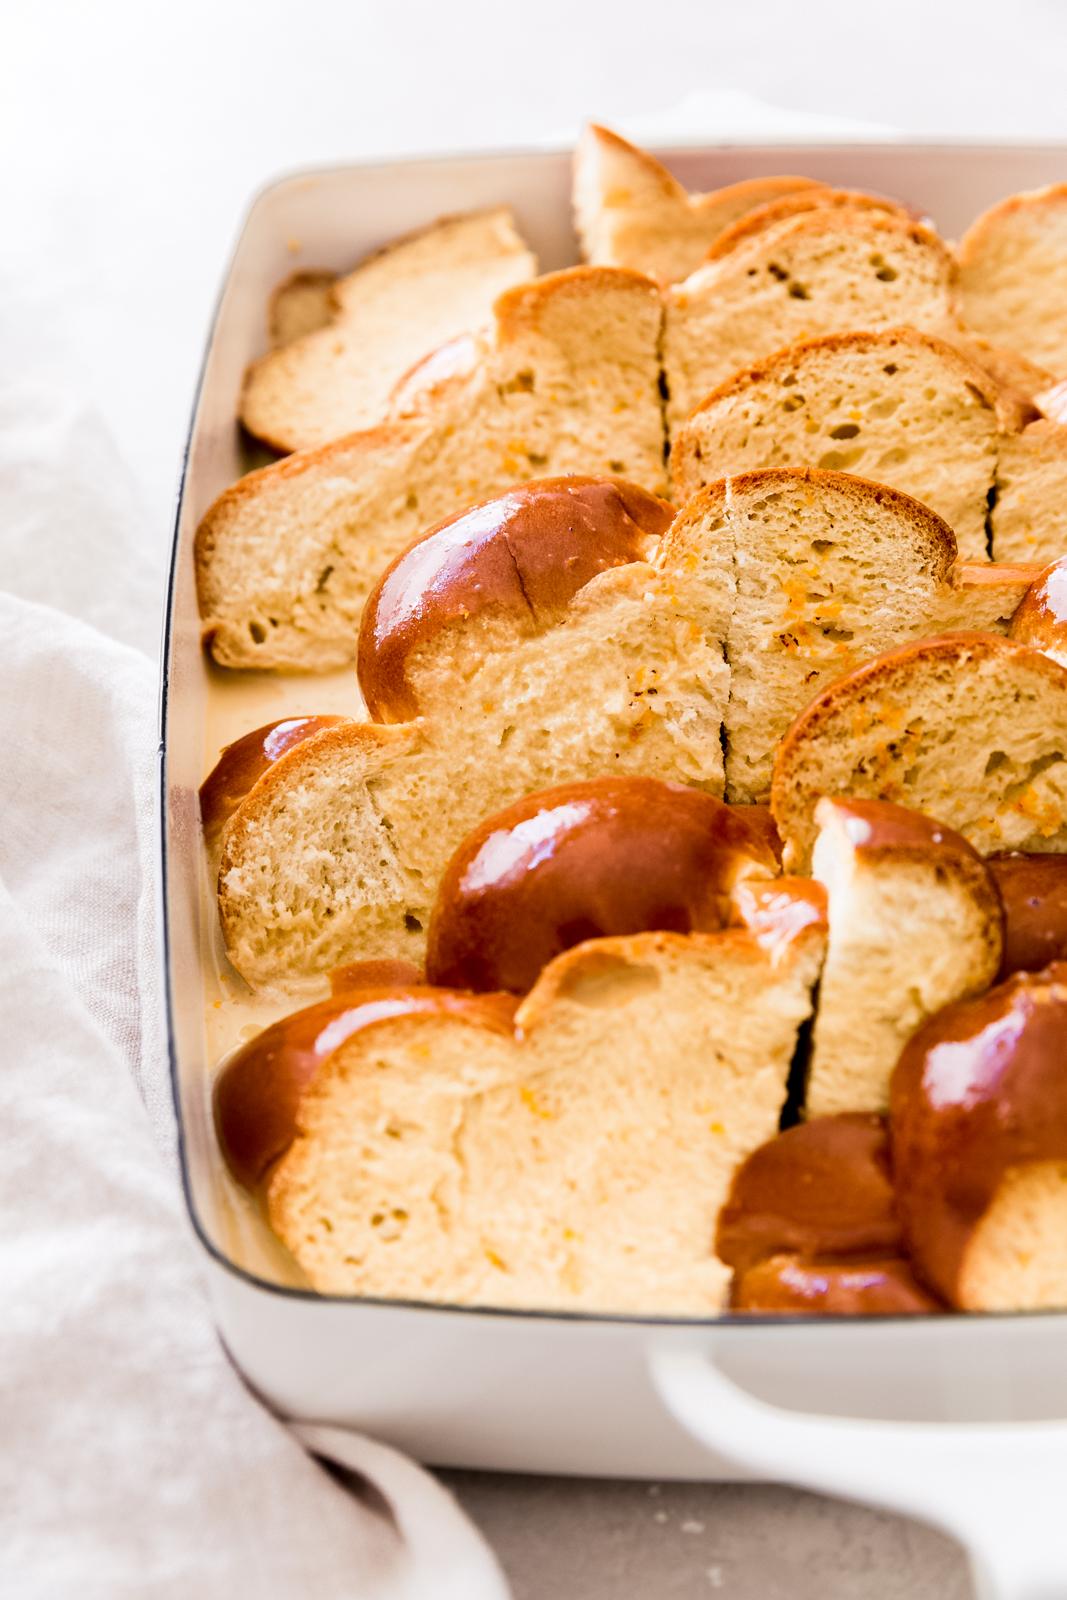 custard soaked brioche bread slices in white baking dish